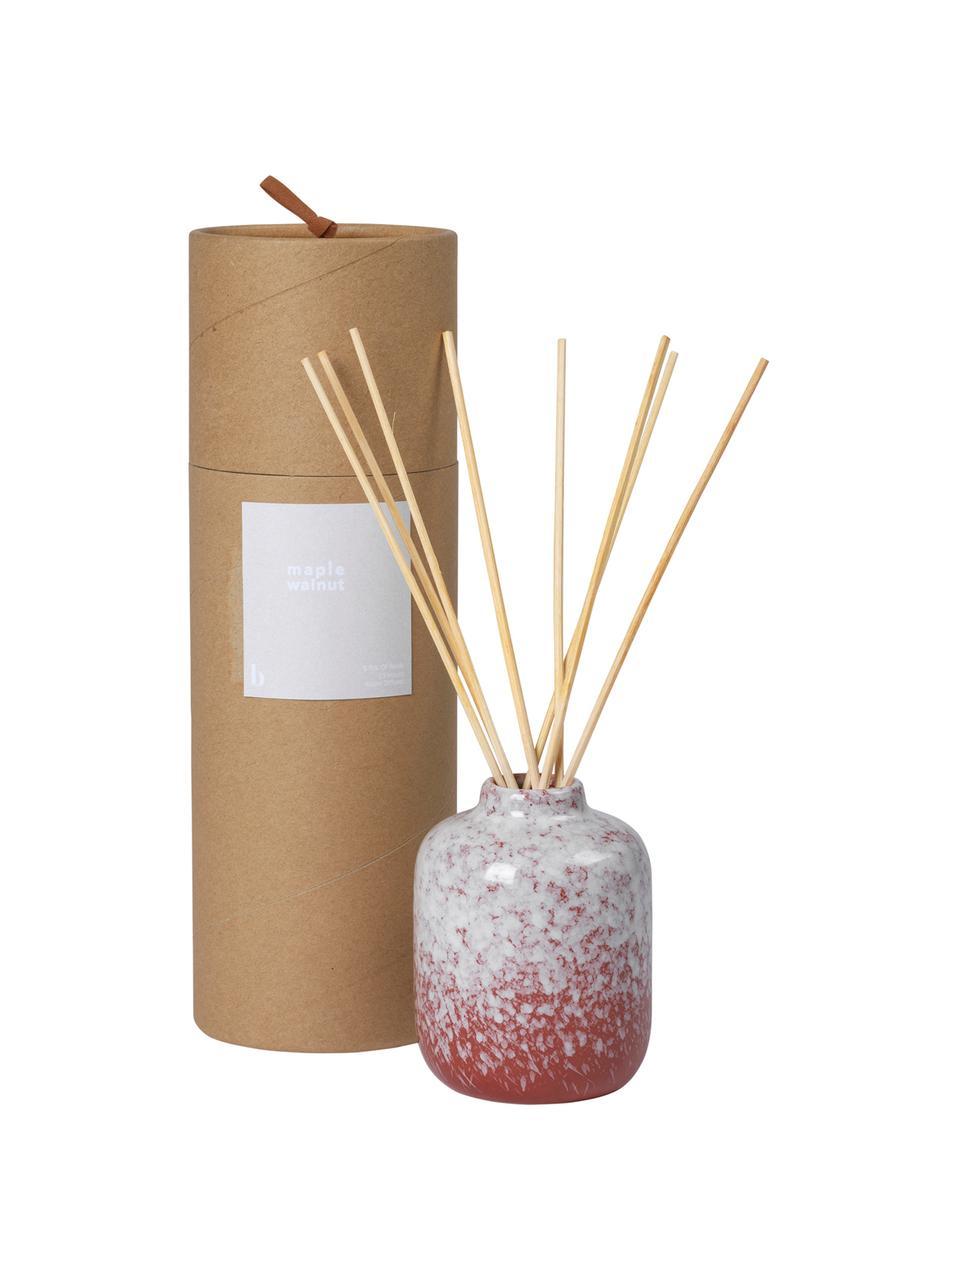 Diffuser Maple Walnut (Walnuss), Behälter: Keramik, Rot, Weiß, Ø 7 x H 9 cm